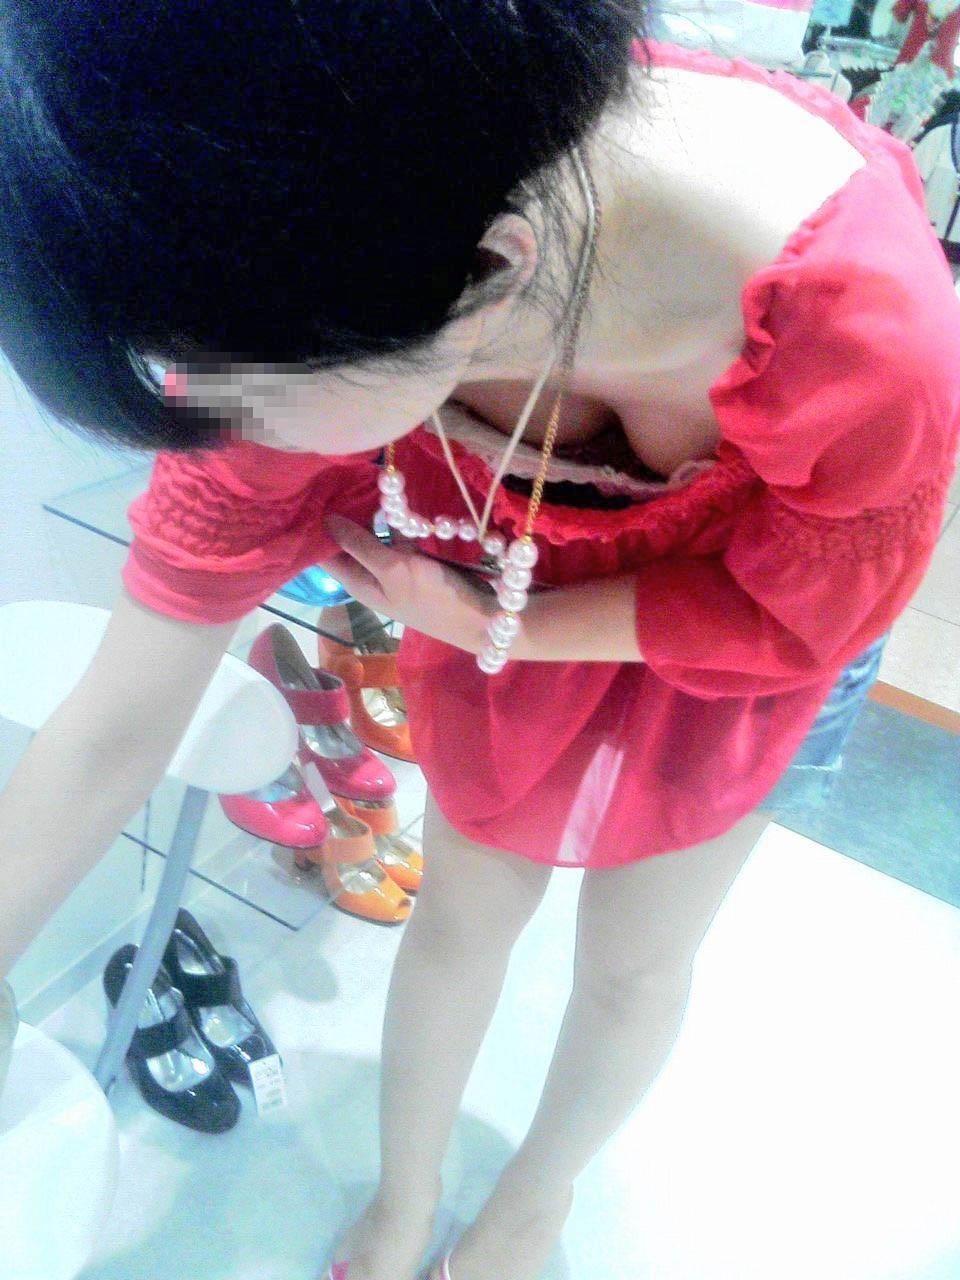 【胸チラエロ画像】現代日本では谷間や乳首が見えてしまっても問題ないらしいwww 15